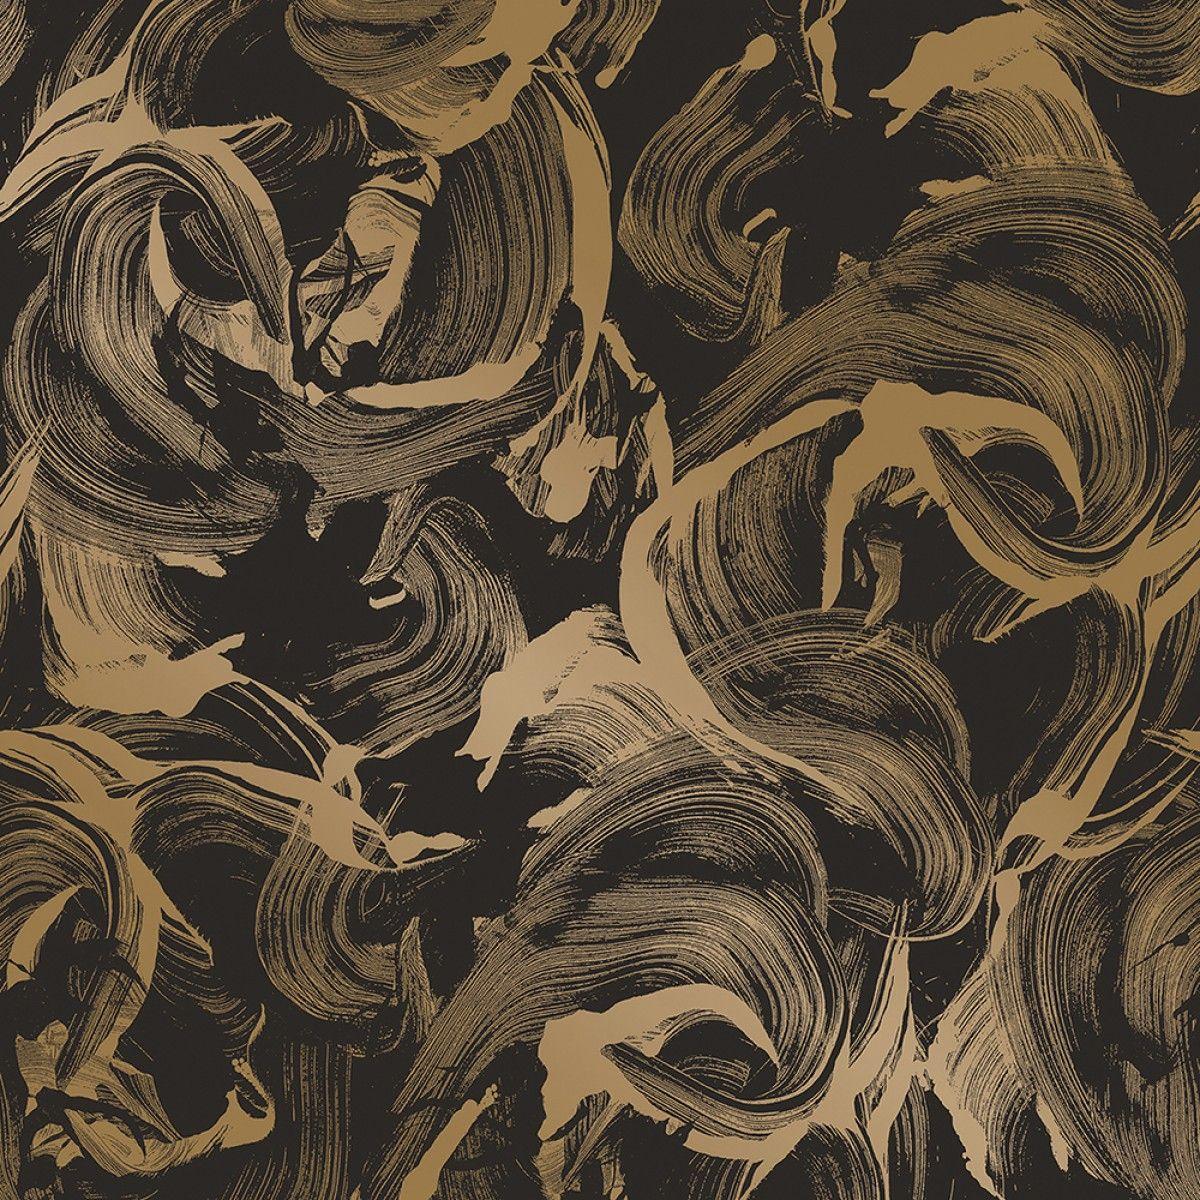 L Amour Matte Black Gold Gold Removable Wallpaper Removable Wallpaper Gold Metallic Wallpaper